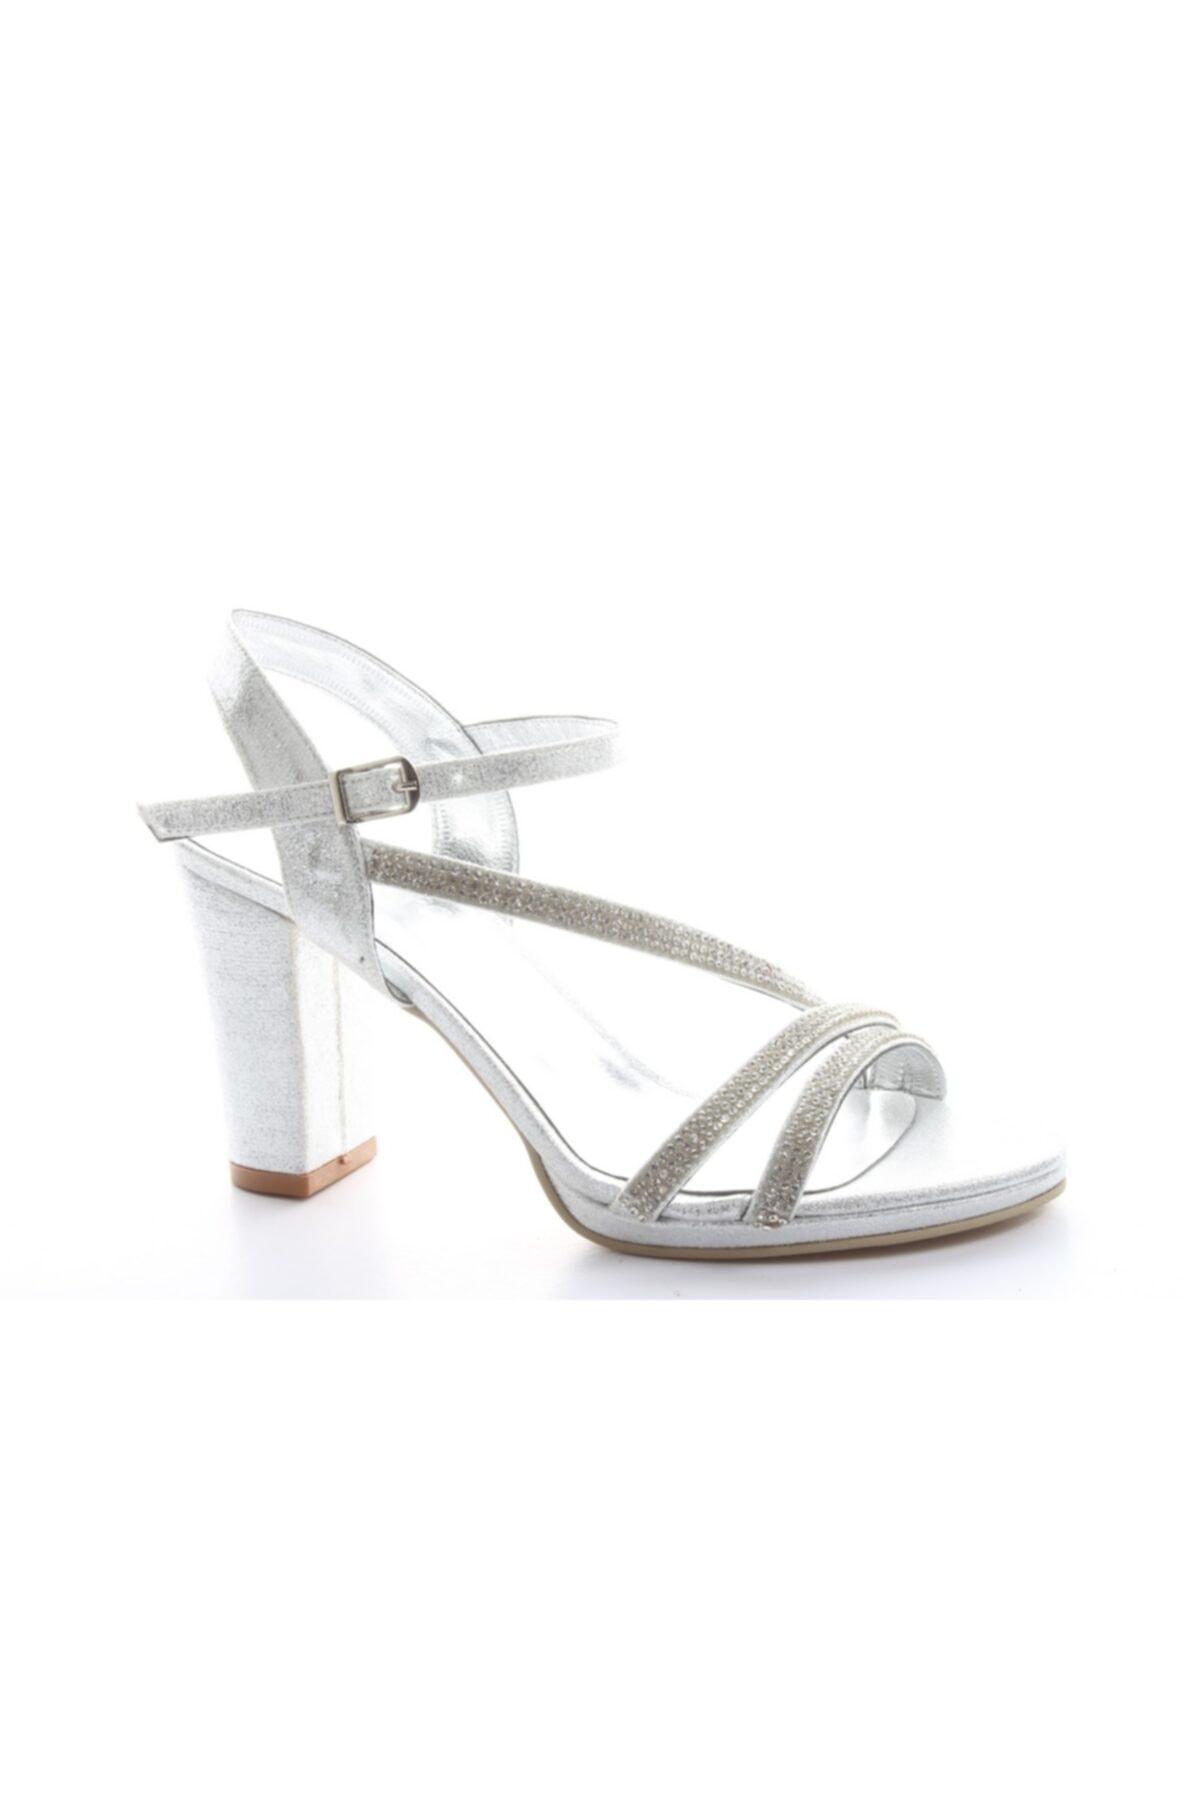 Almera 011 Kadın Topuklu Ayakkabı 1